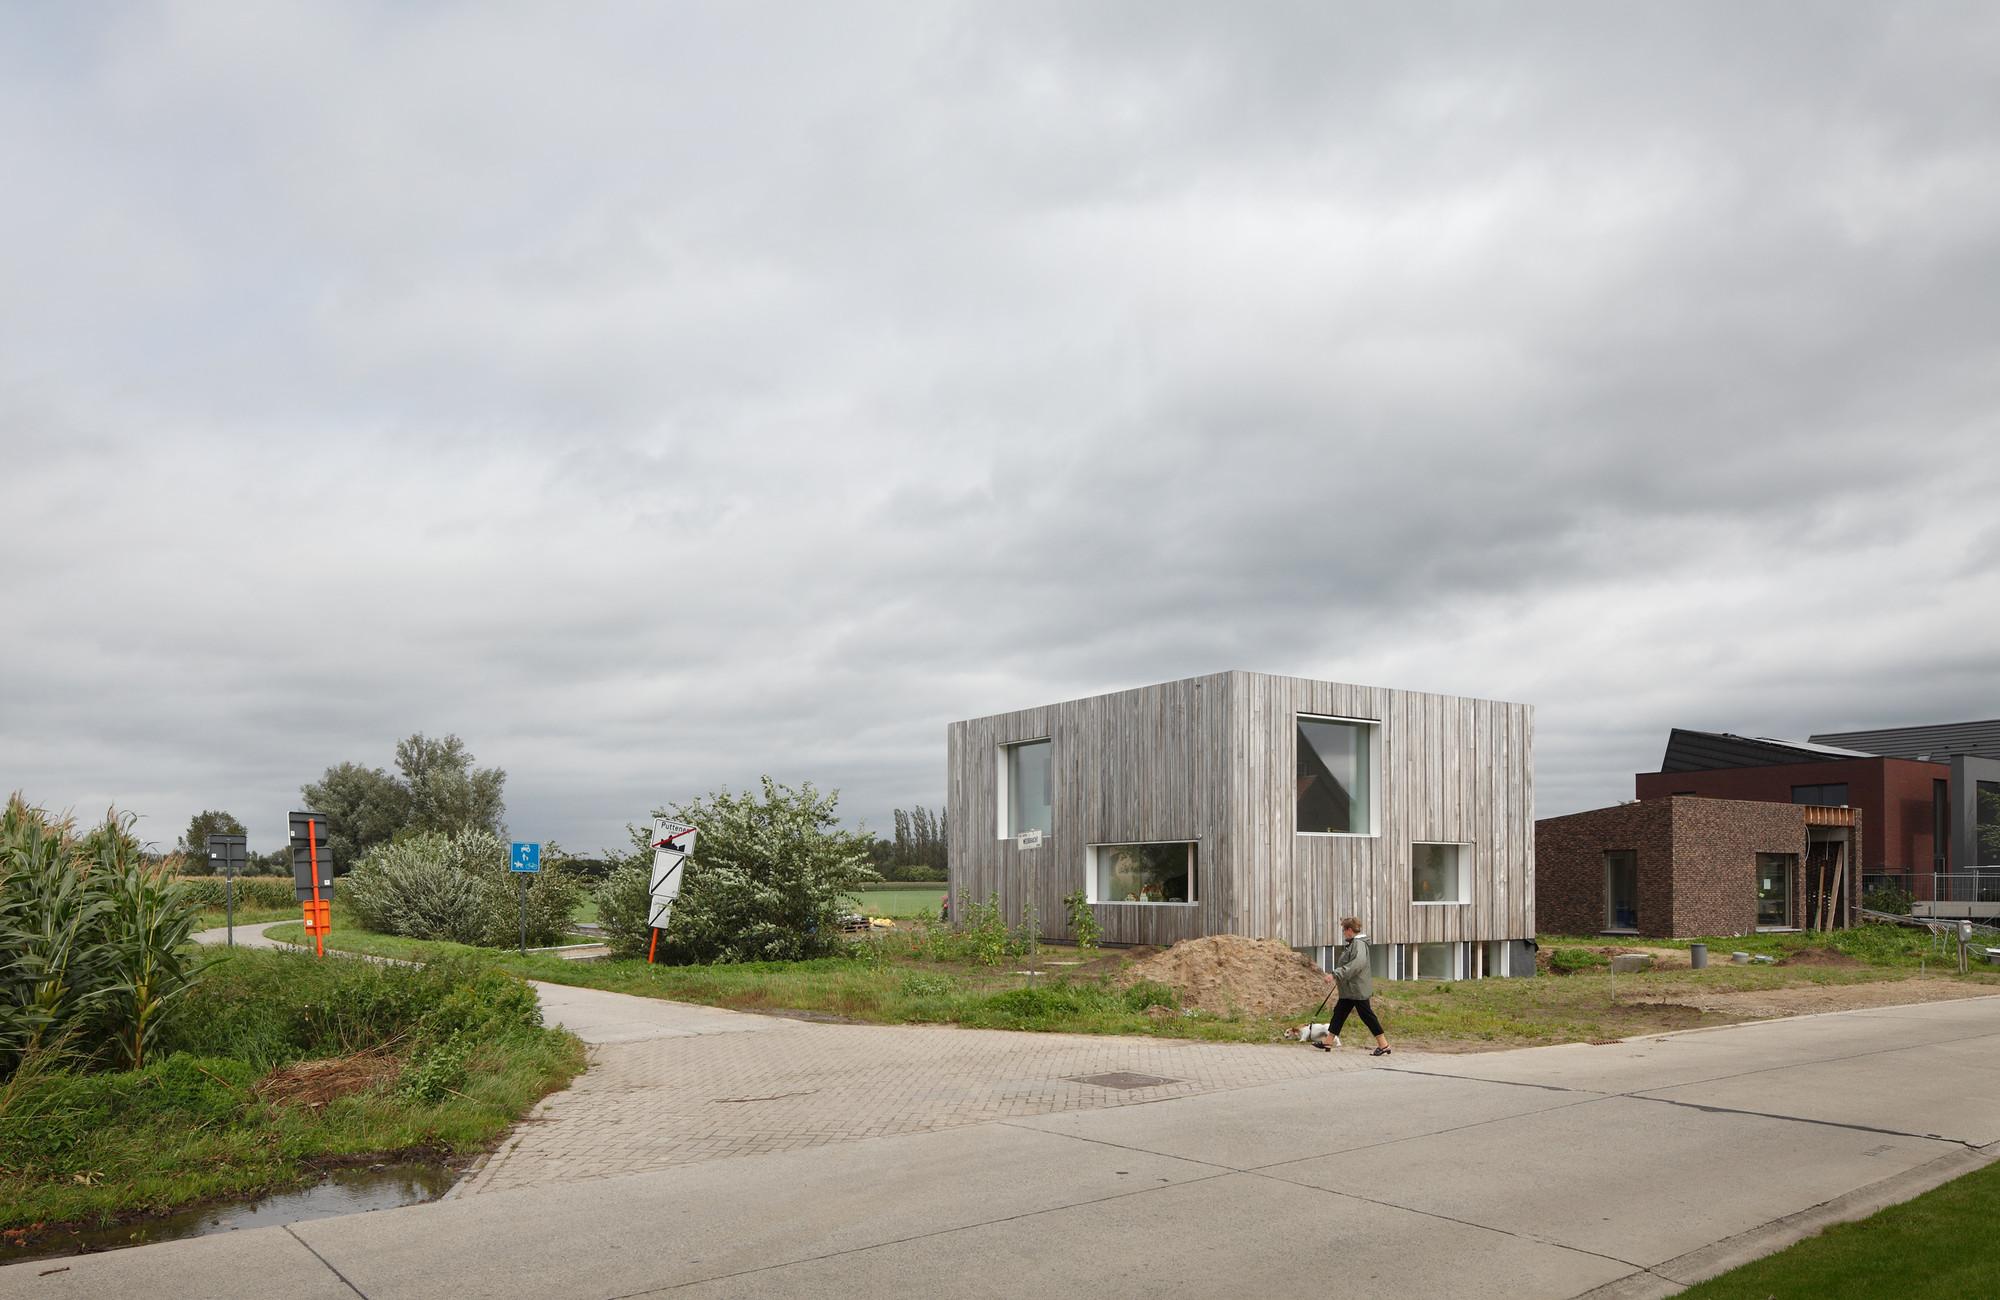 Zero Energy House Lokeren / BLAF Architecten, © Stijn Bollaert